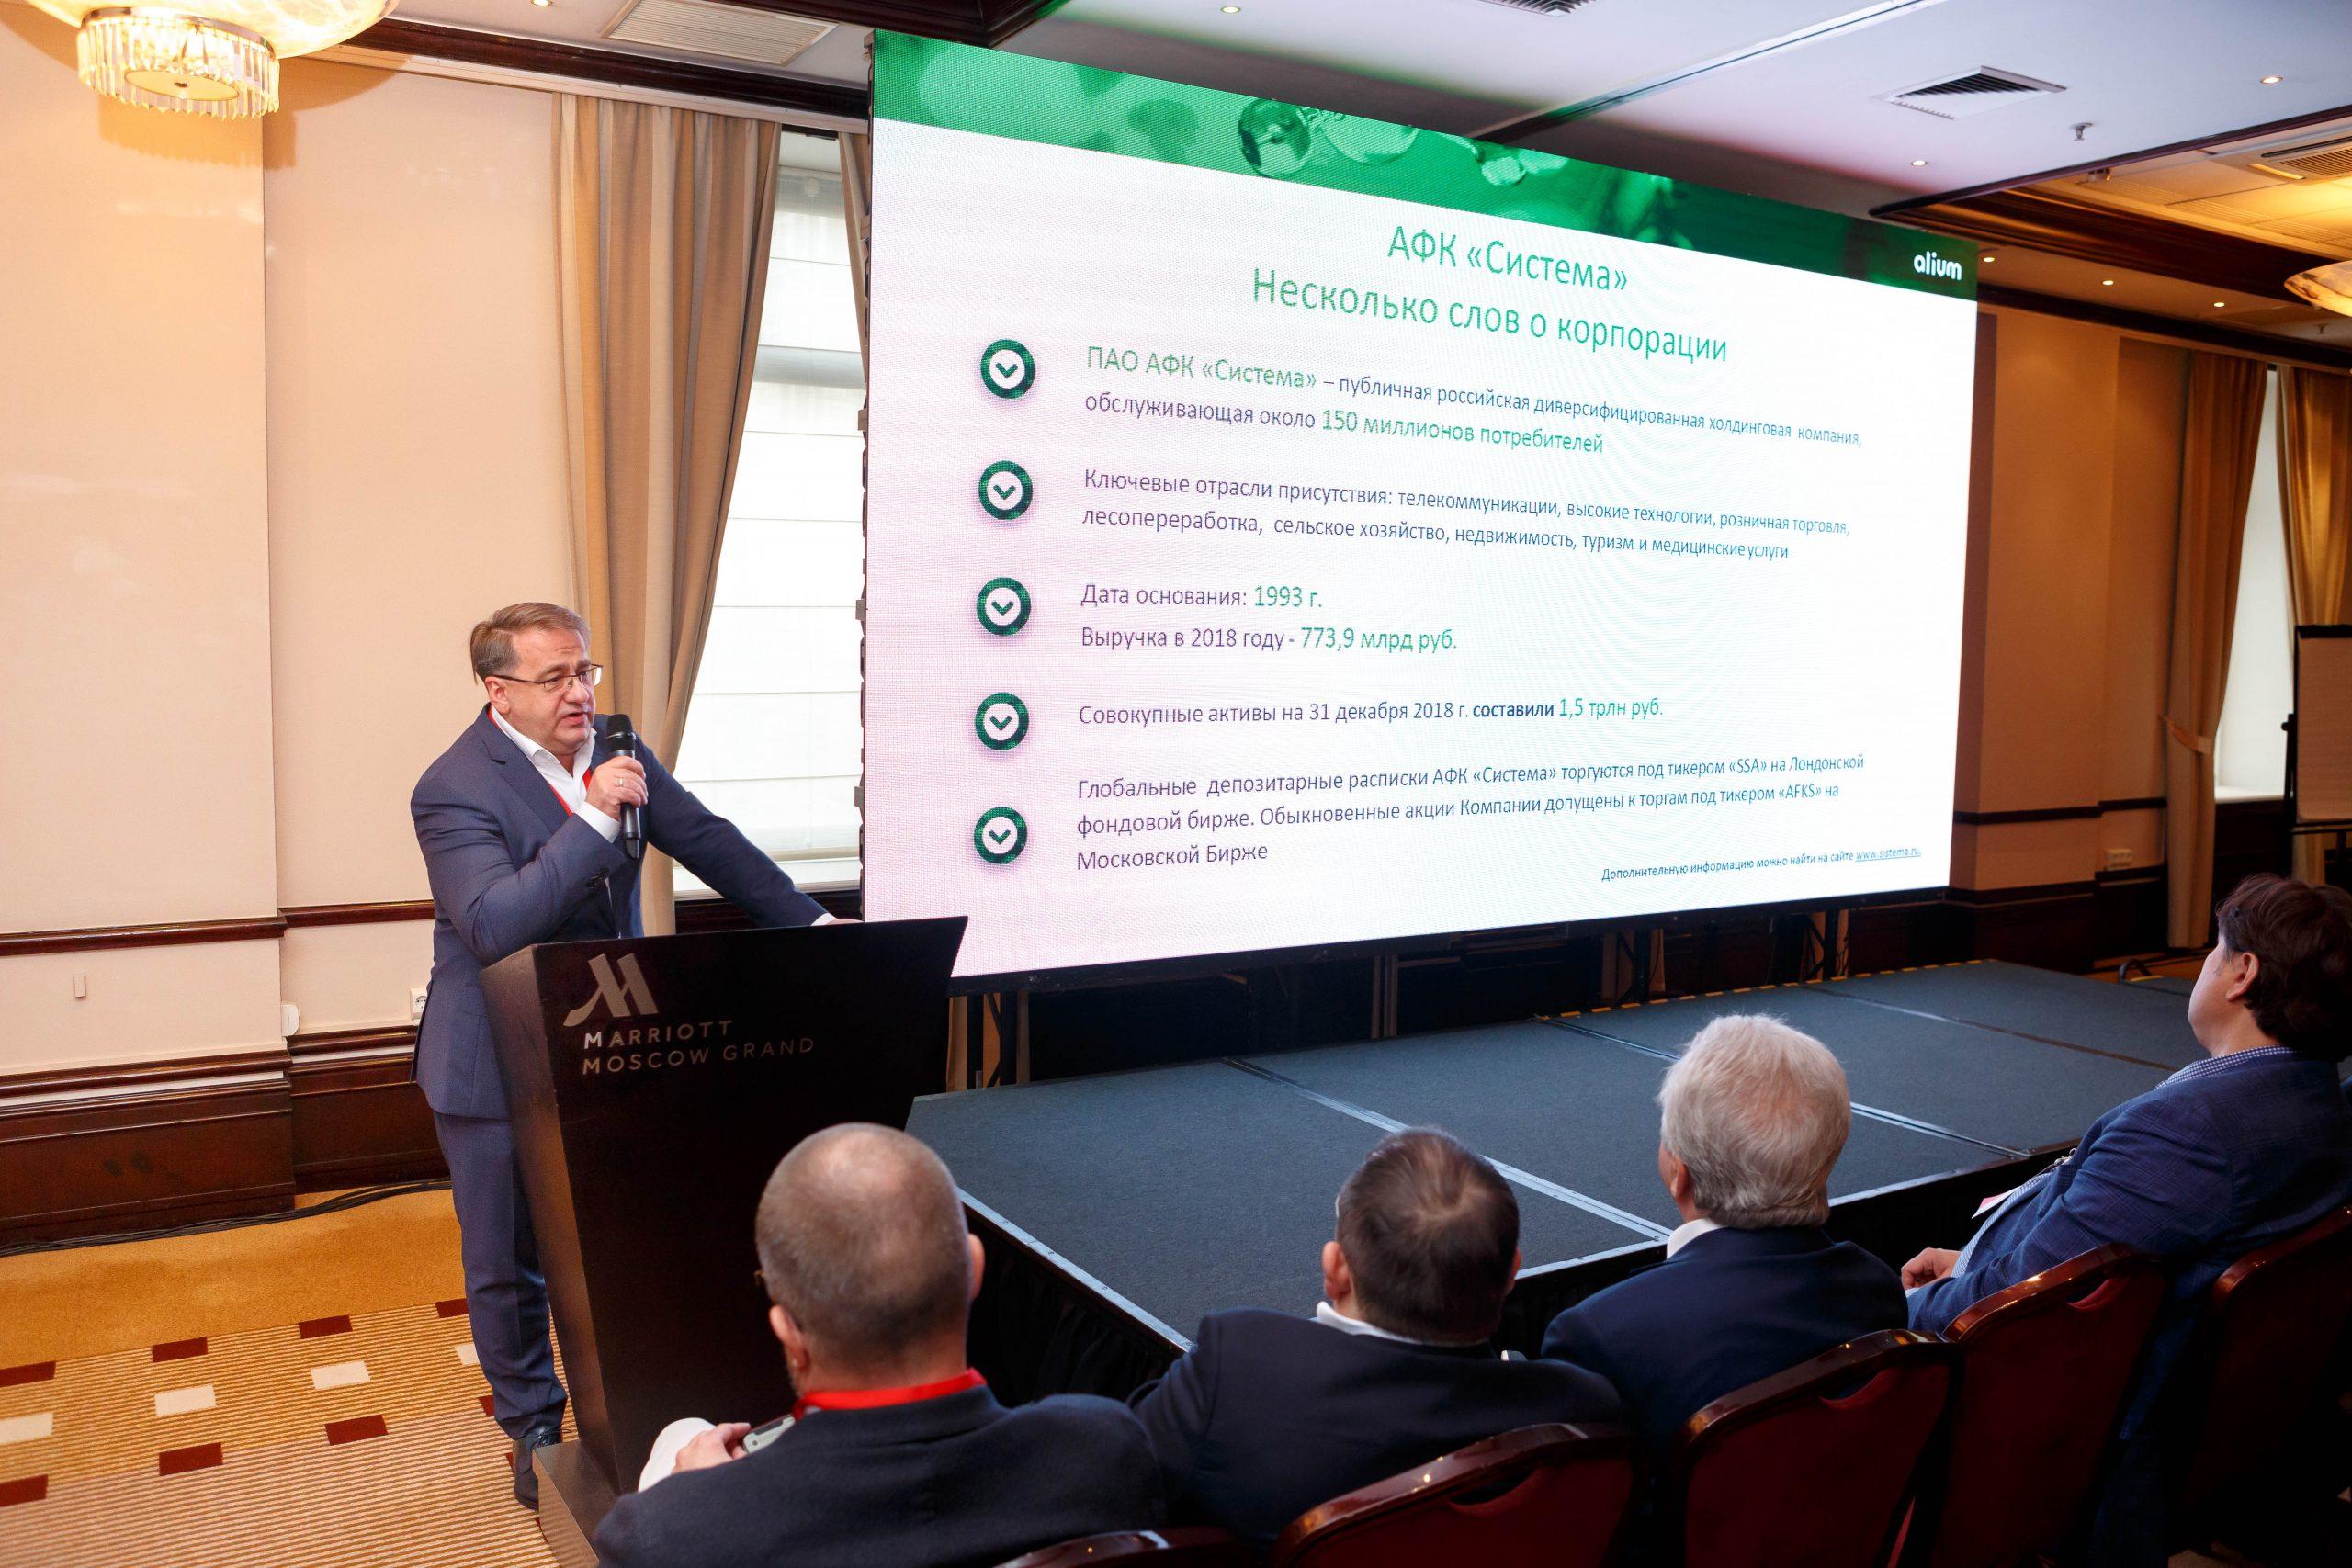 Акции АФК «Система» - прогноз и цена в 2021 году